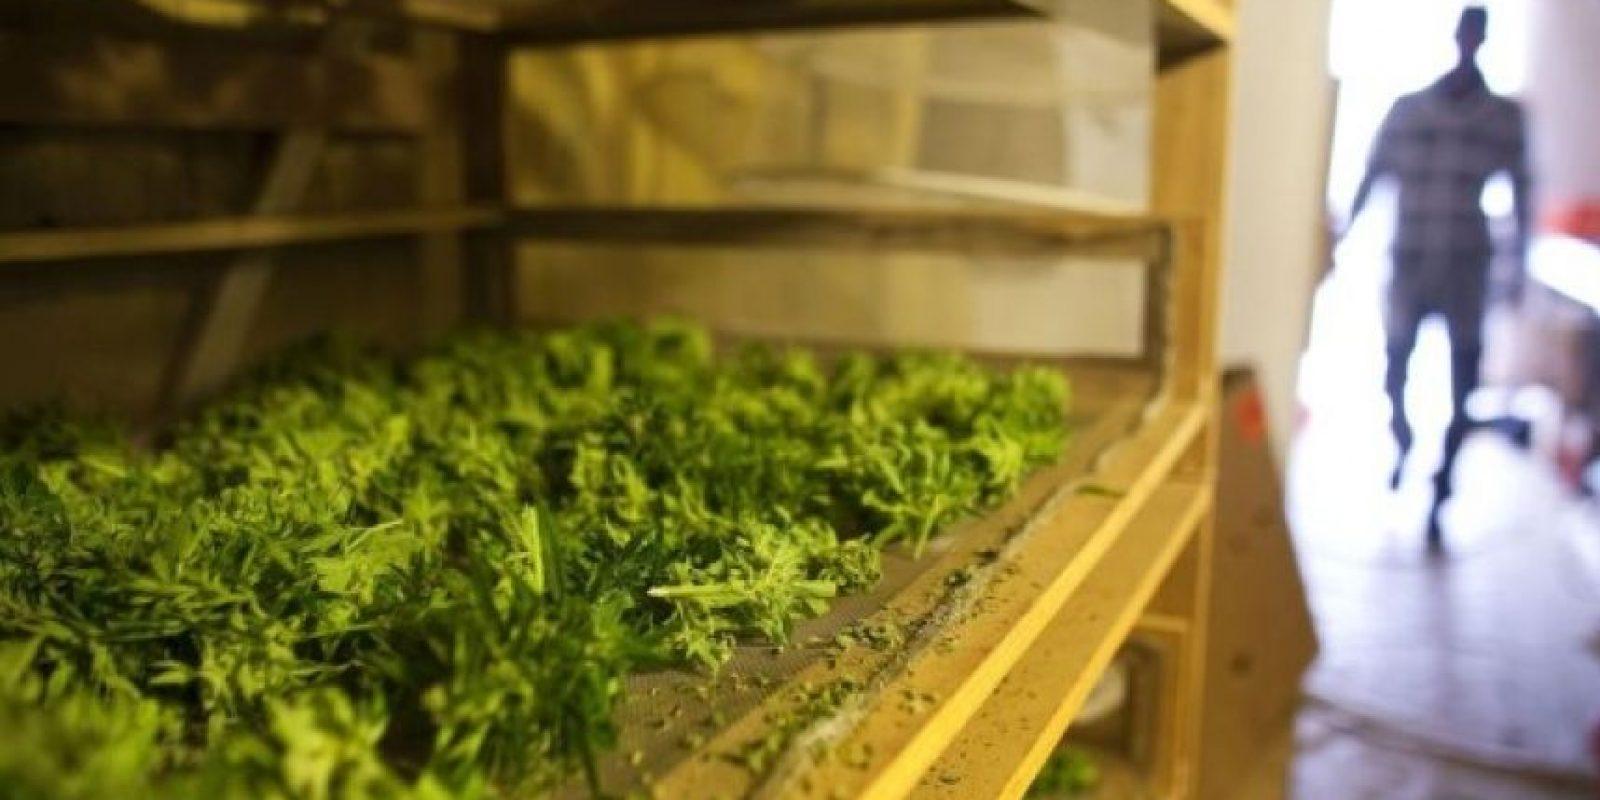 Según la Coalición Contra el Abuso de Drogas, el precio promedio por un gramo de marihuana es de nueve dólares con 18 centavos. Foto:Getty Images